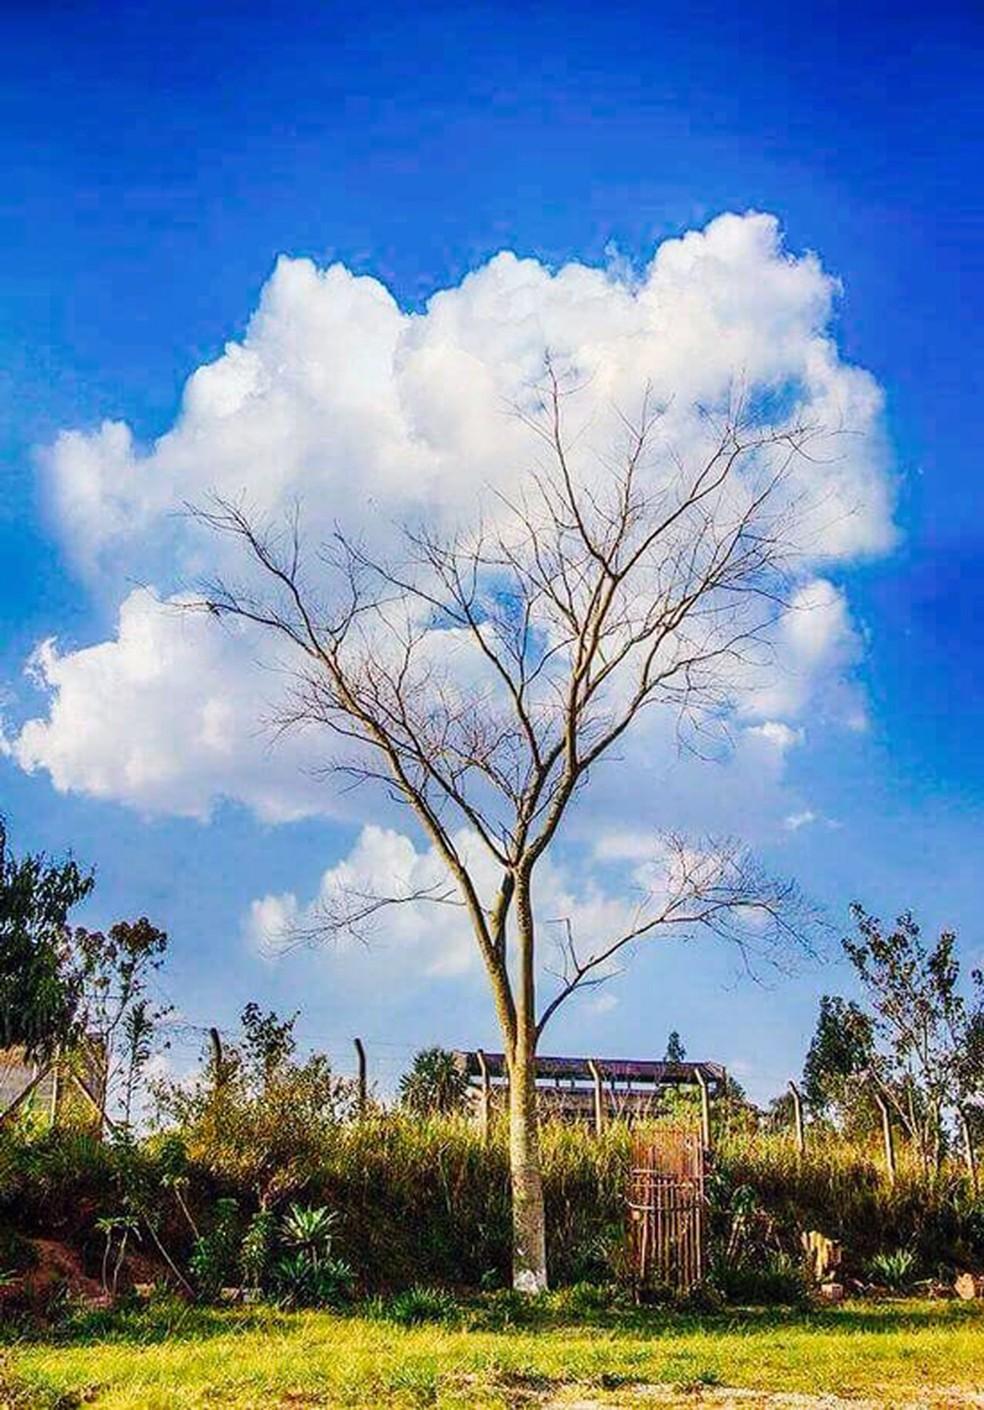 Foto de árvore circundada por nuvens causou embate entre dois brasileiros sobre autoria — Foto: Arquivo pessoal